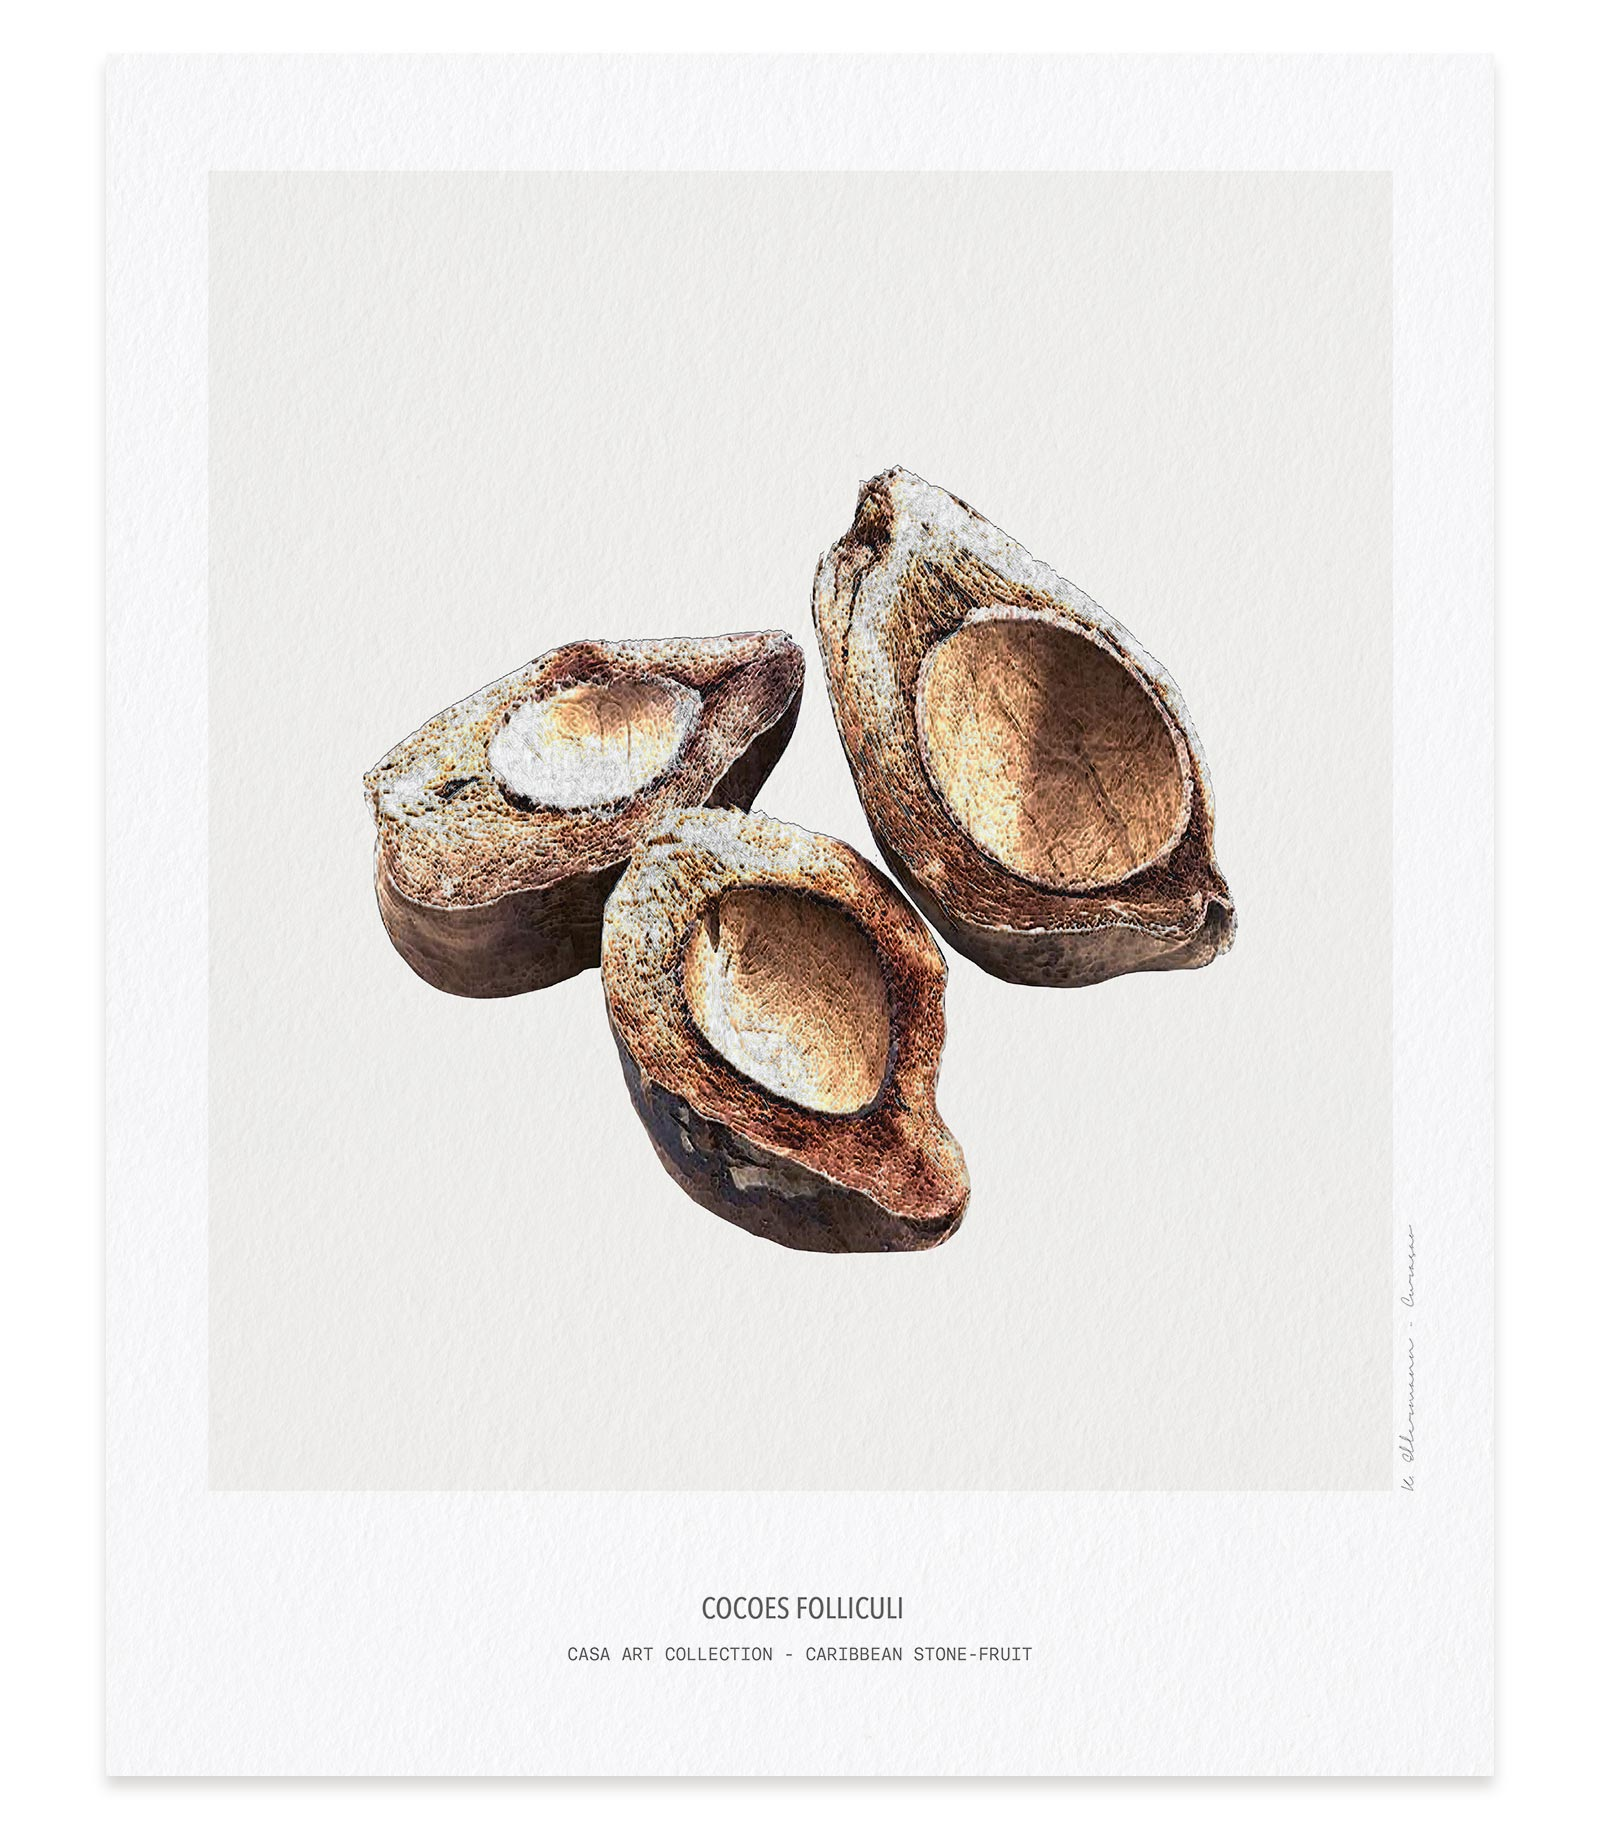 Cocoes folliculi - Casa Art Collection